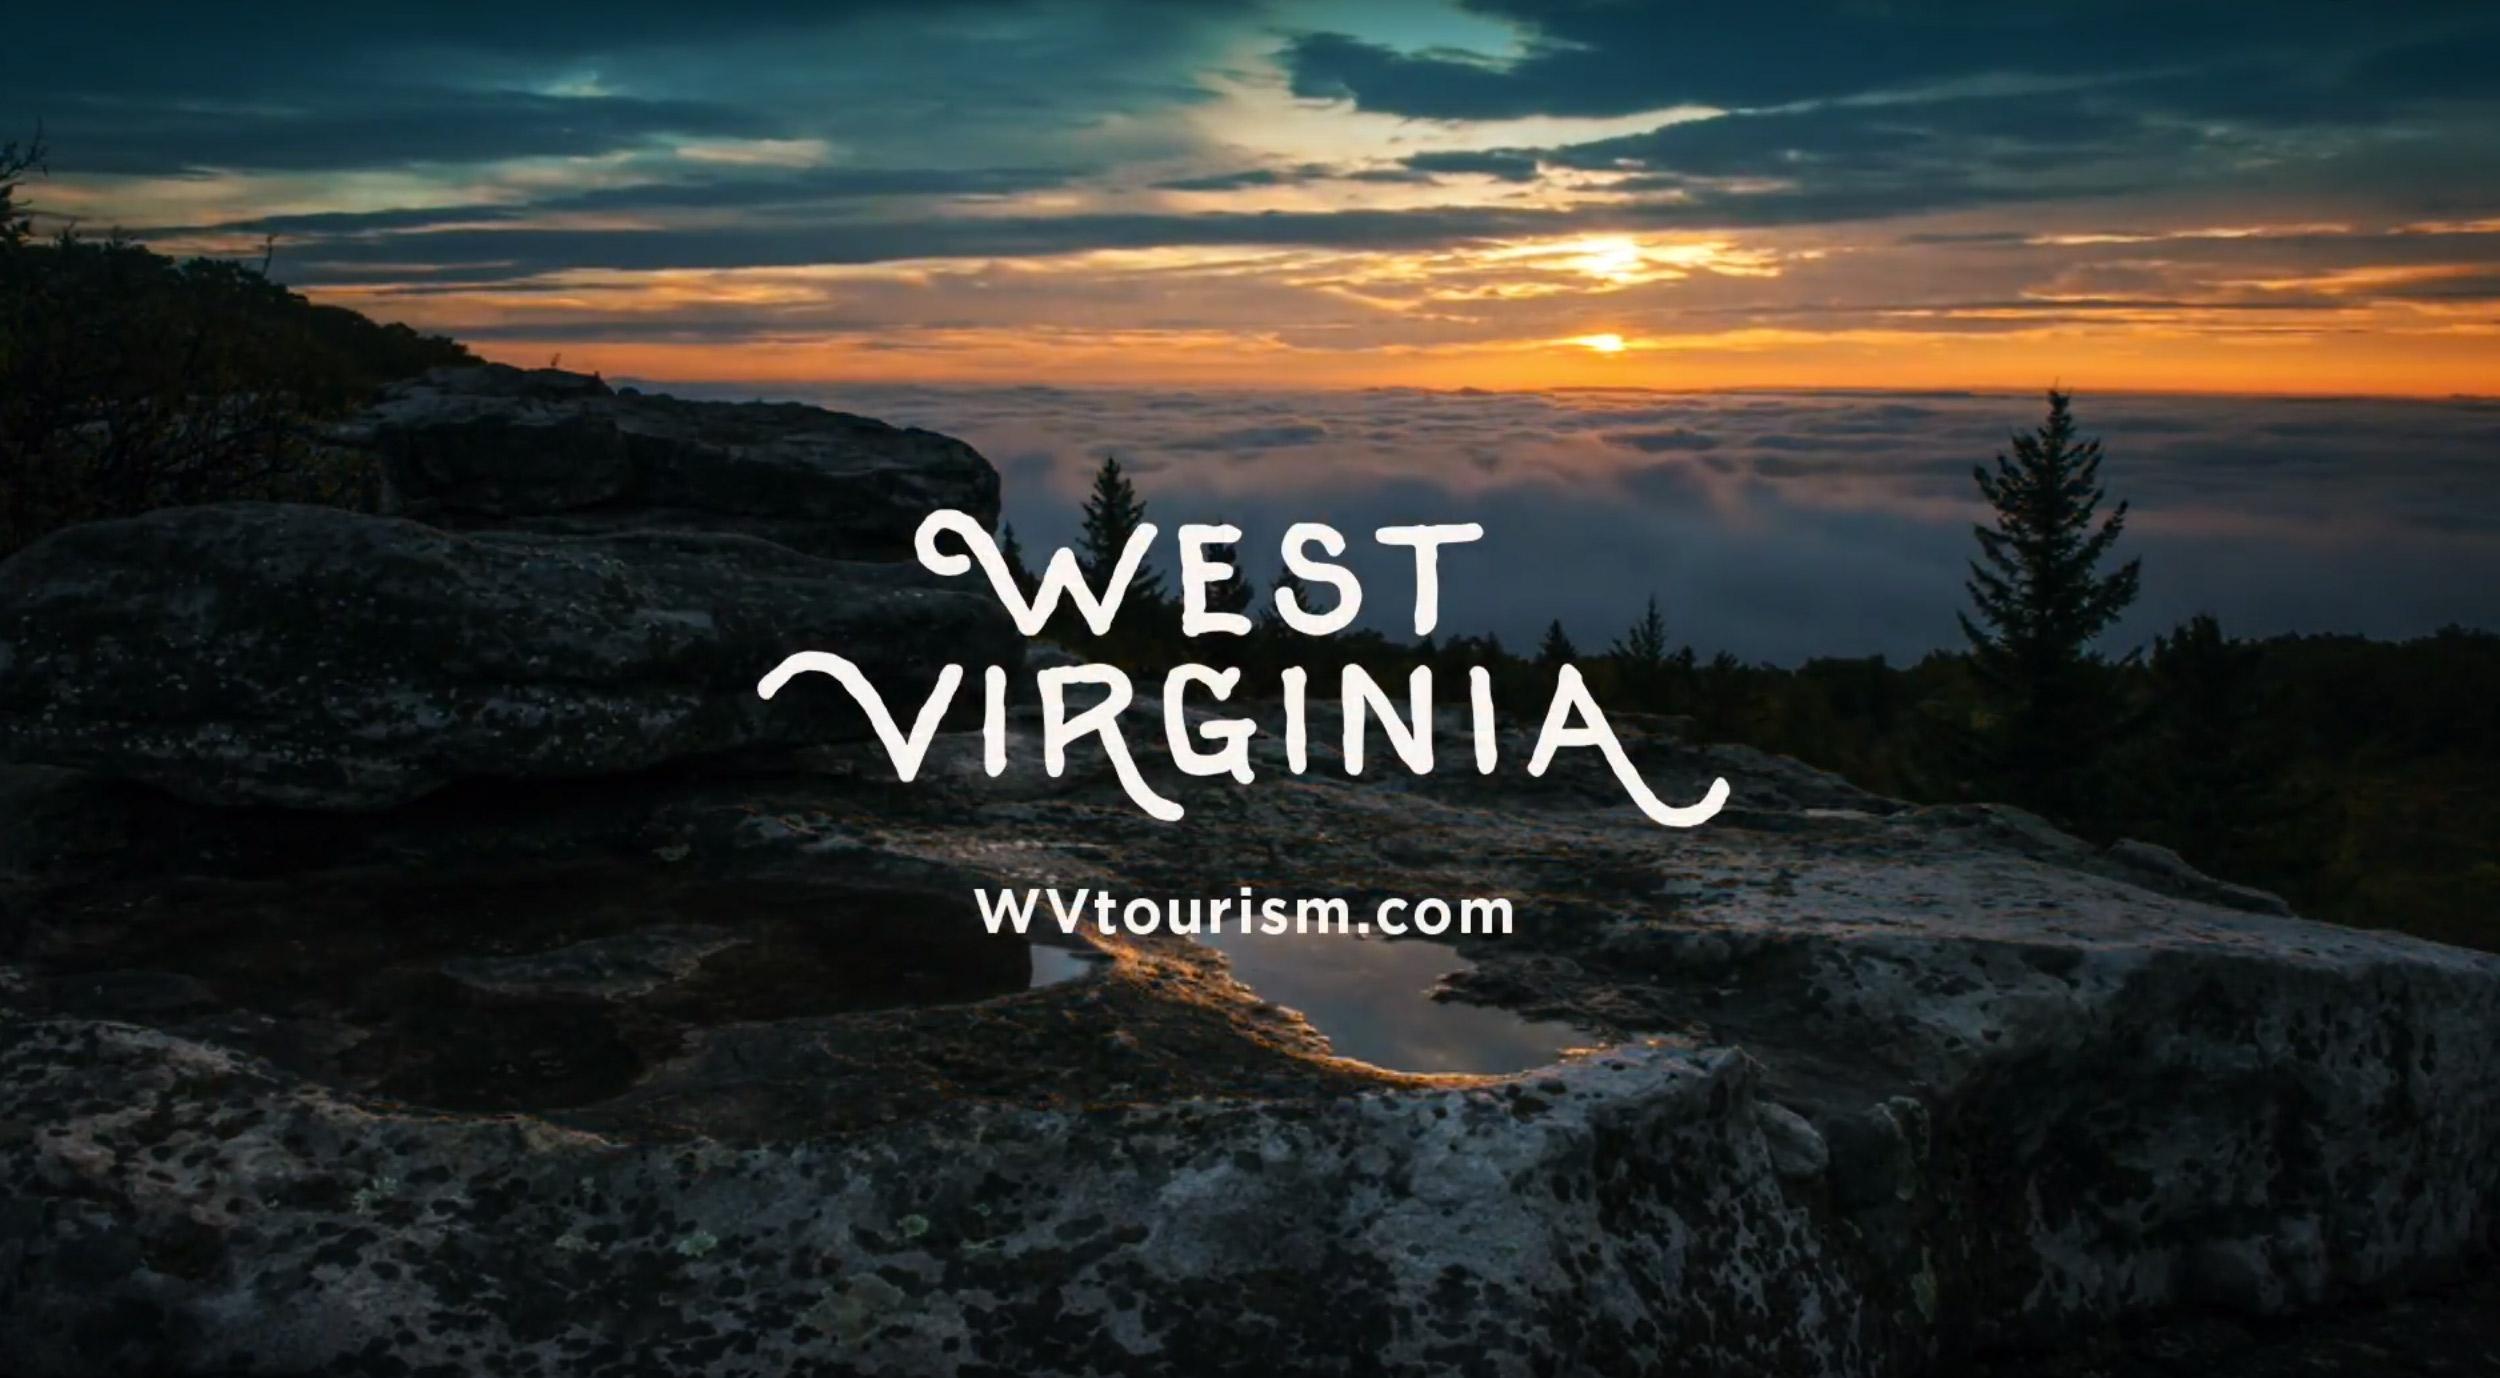 West Virginia Branding